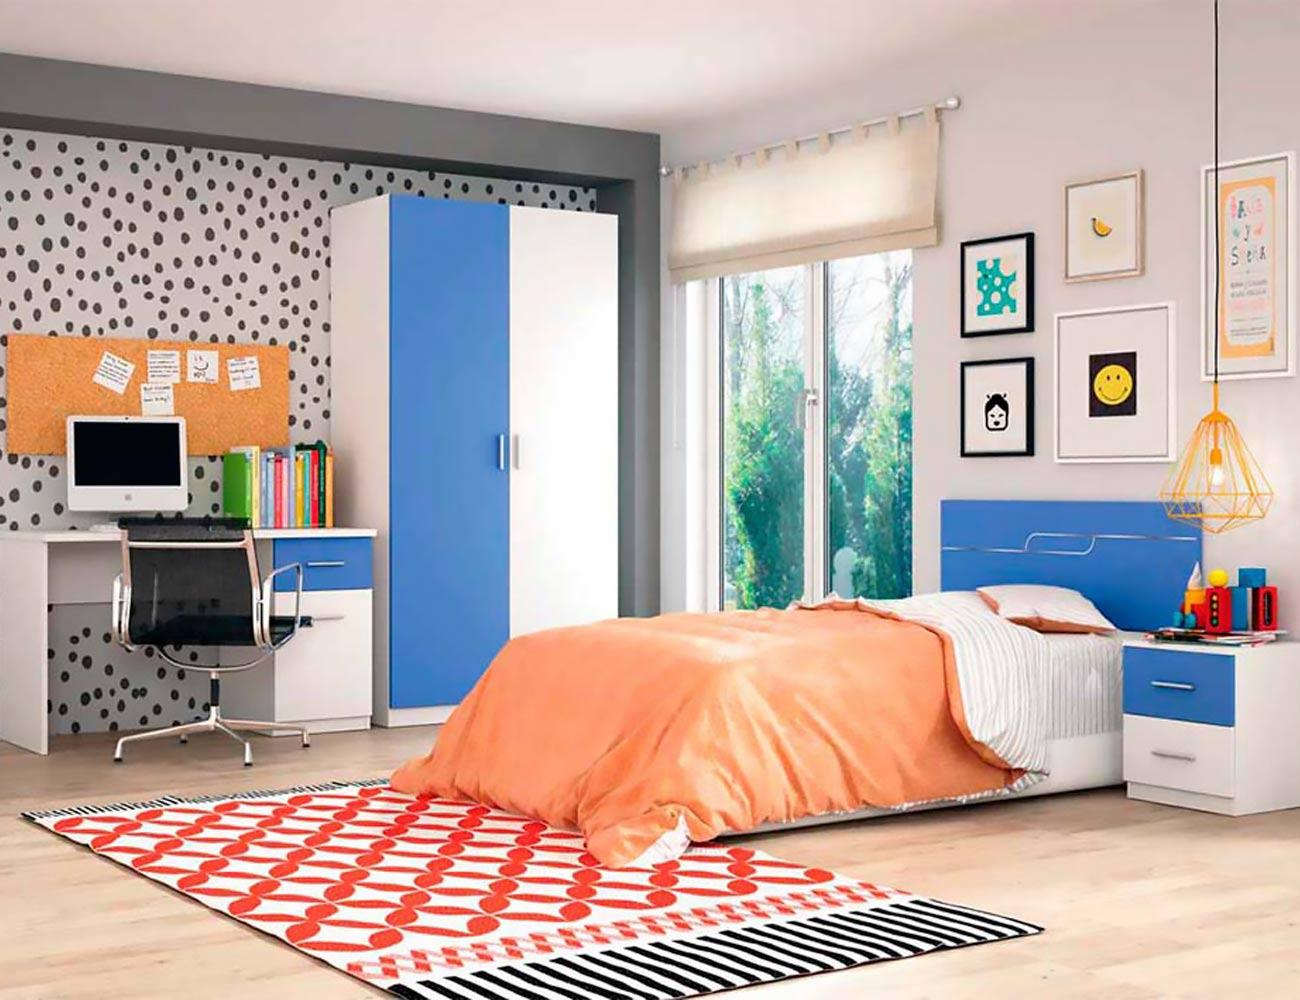 Dormitorio juvenil con armario en color blanco con azul factory del mueble utrera - Muebles utrera ...